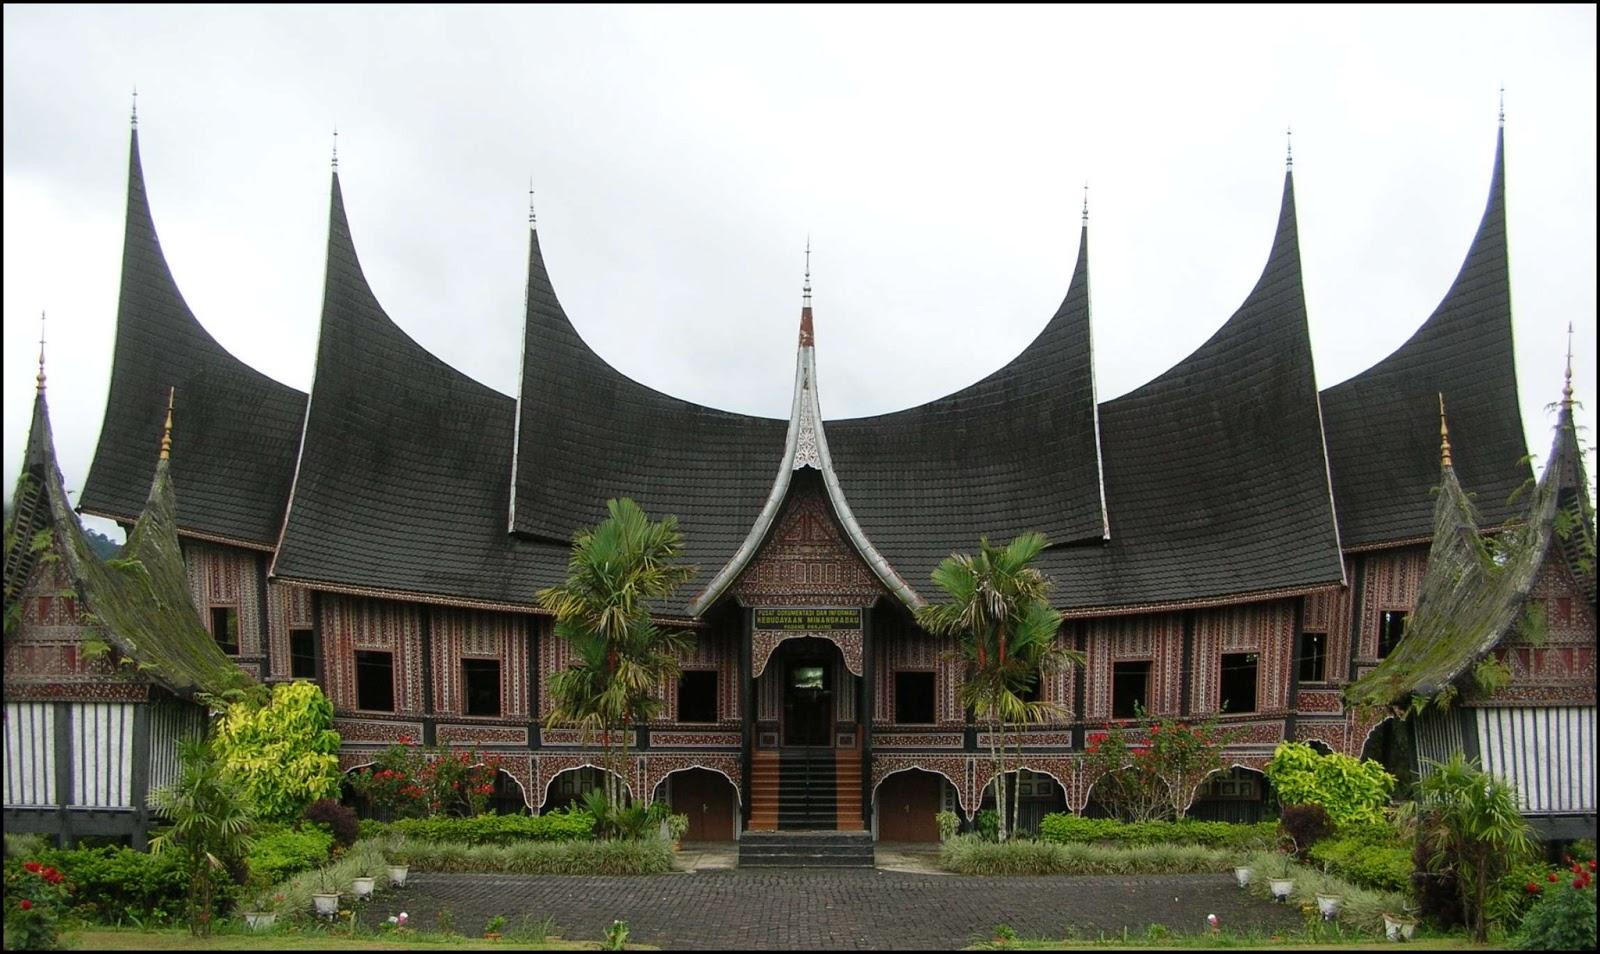 Download this Rumah Banjar Adat Kalimantan Selatan picture